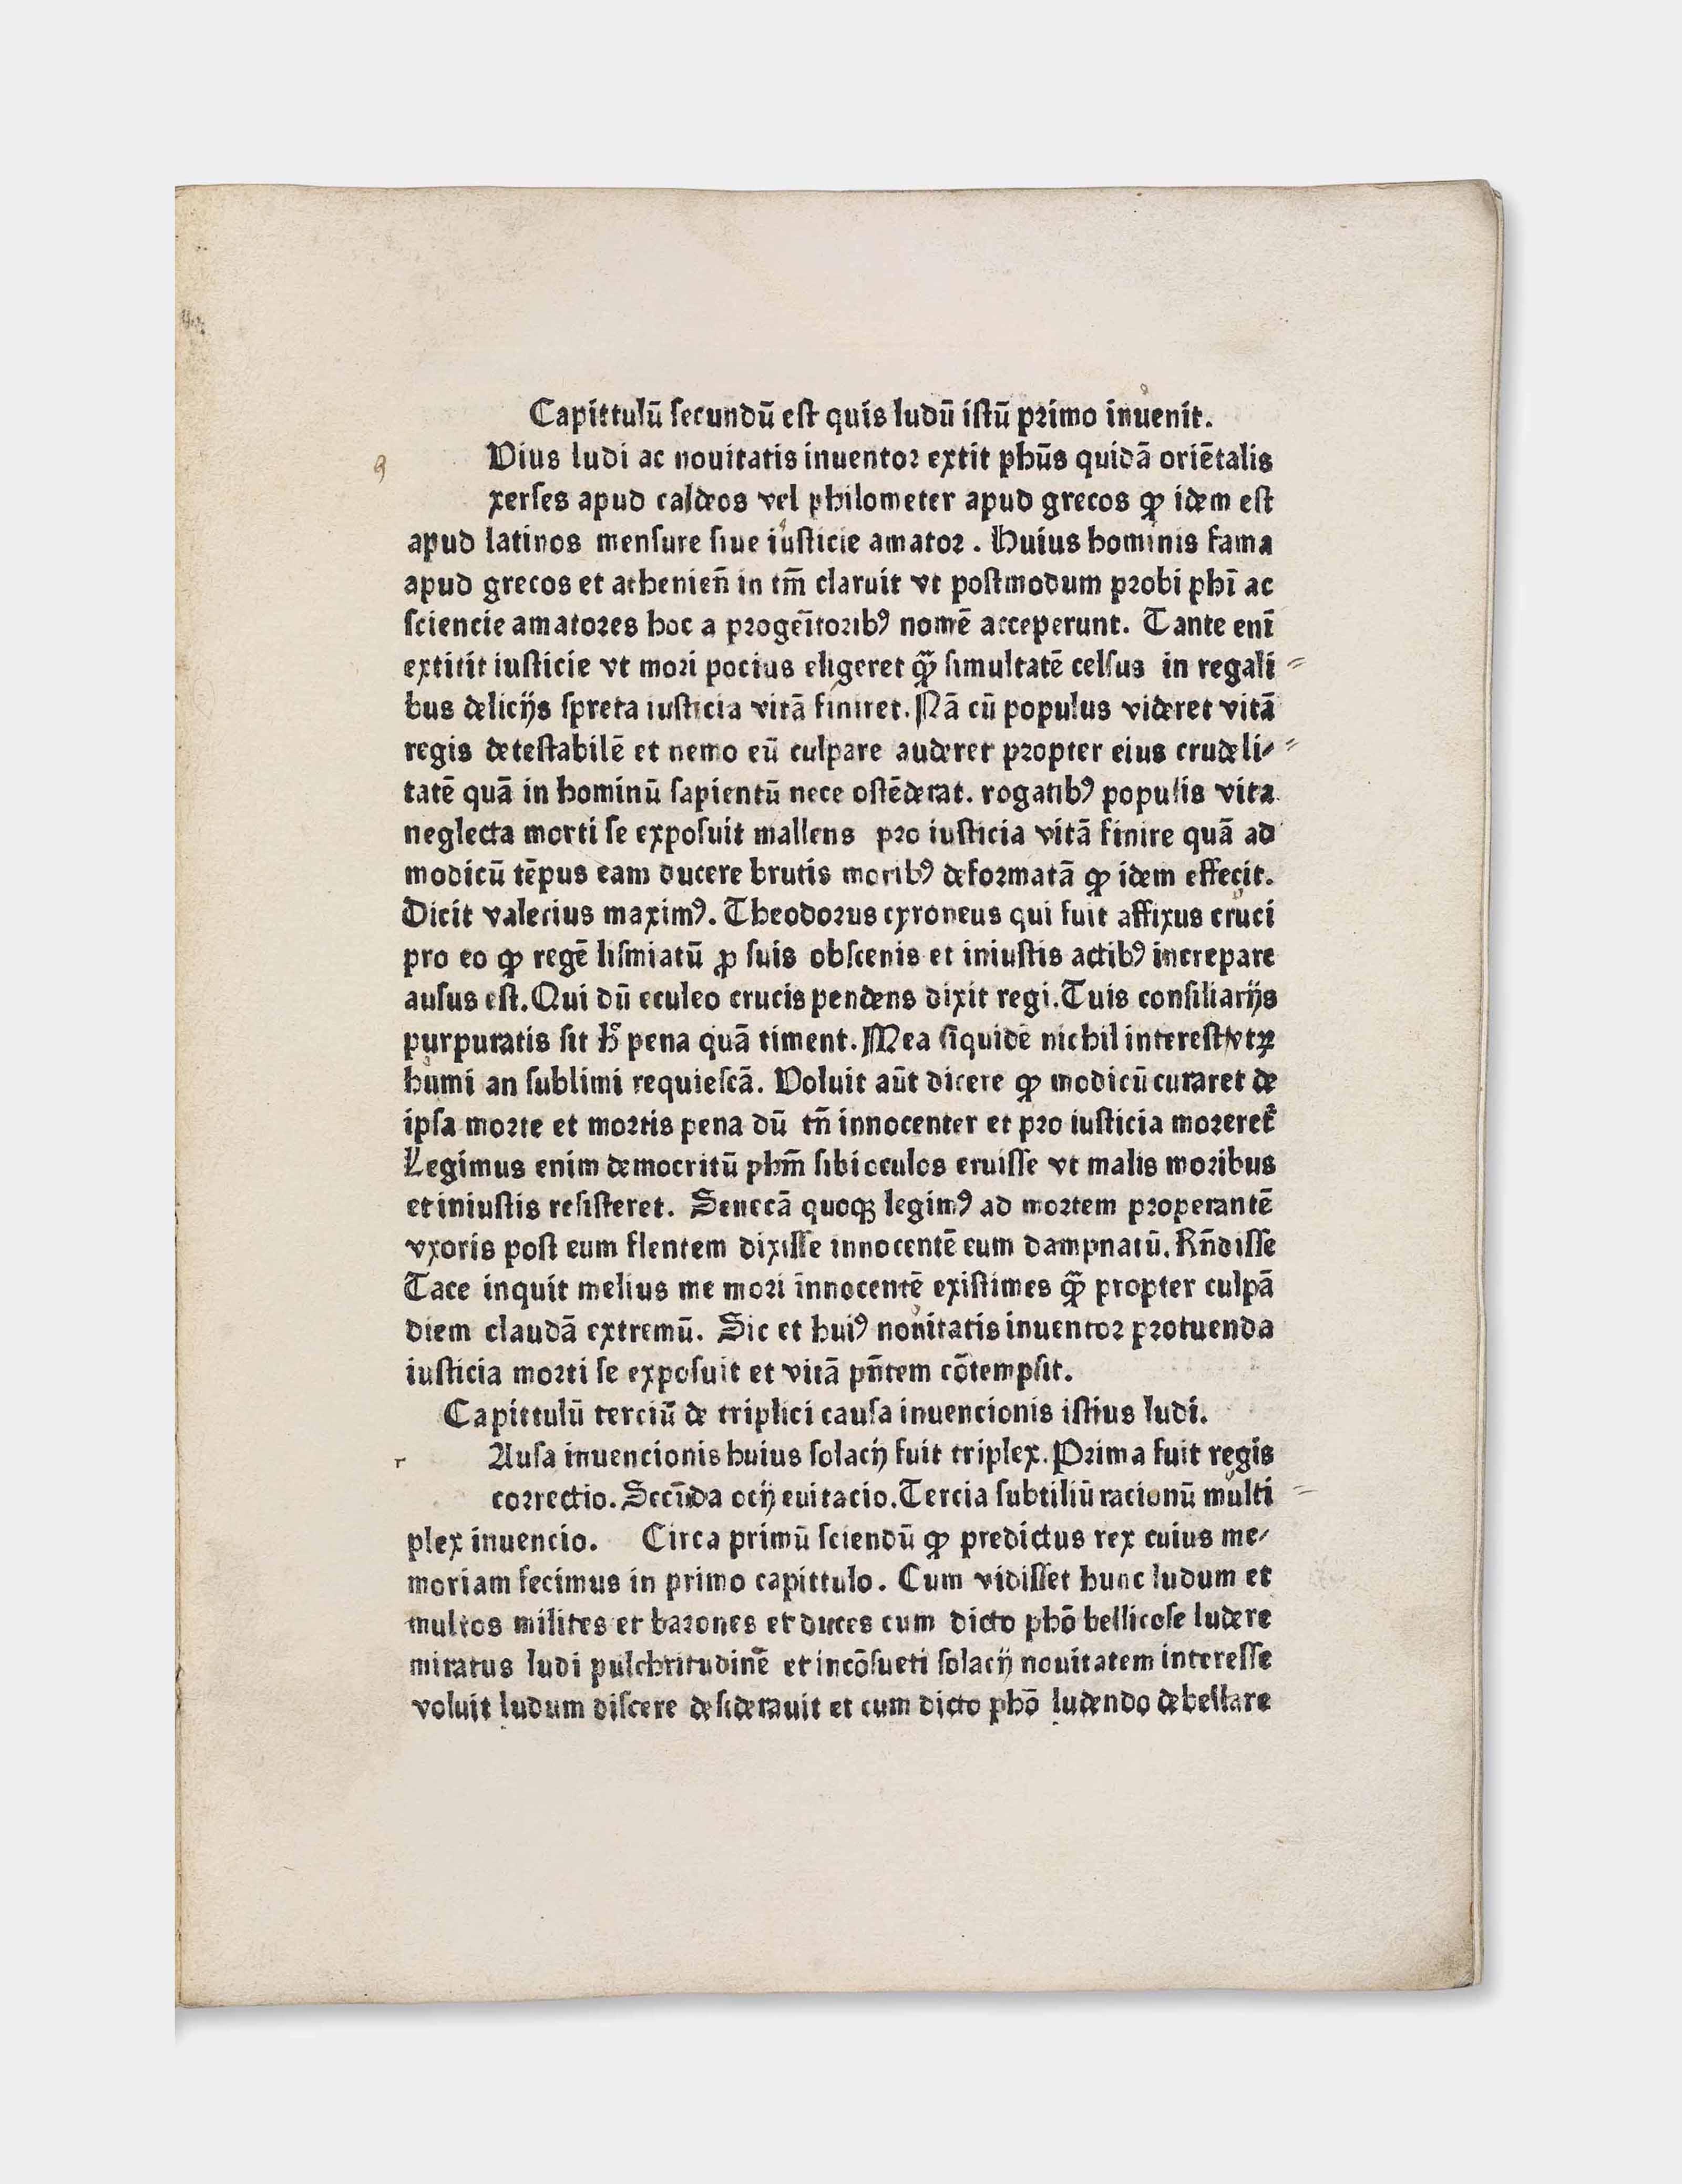 JACOBUS DE CESSOLIS (fl. late 13th century). De ludo scachorum. [Utrecht: Nicolaus Ketelaer and Gerardus de Leempt, 1474].